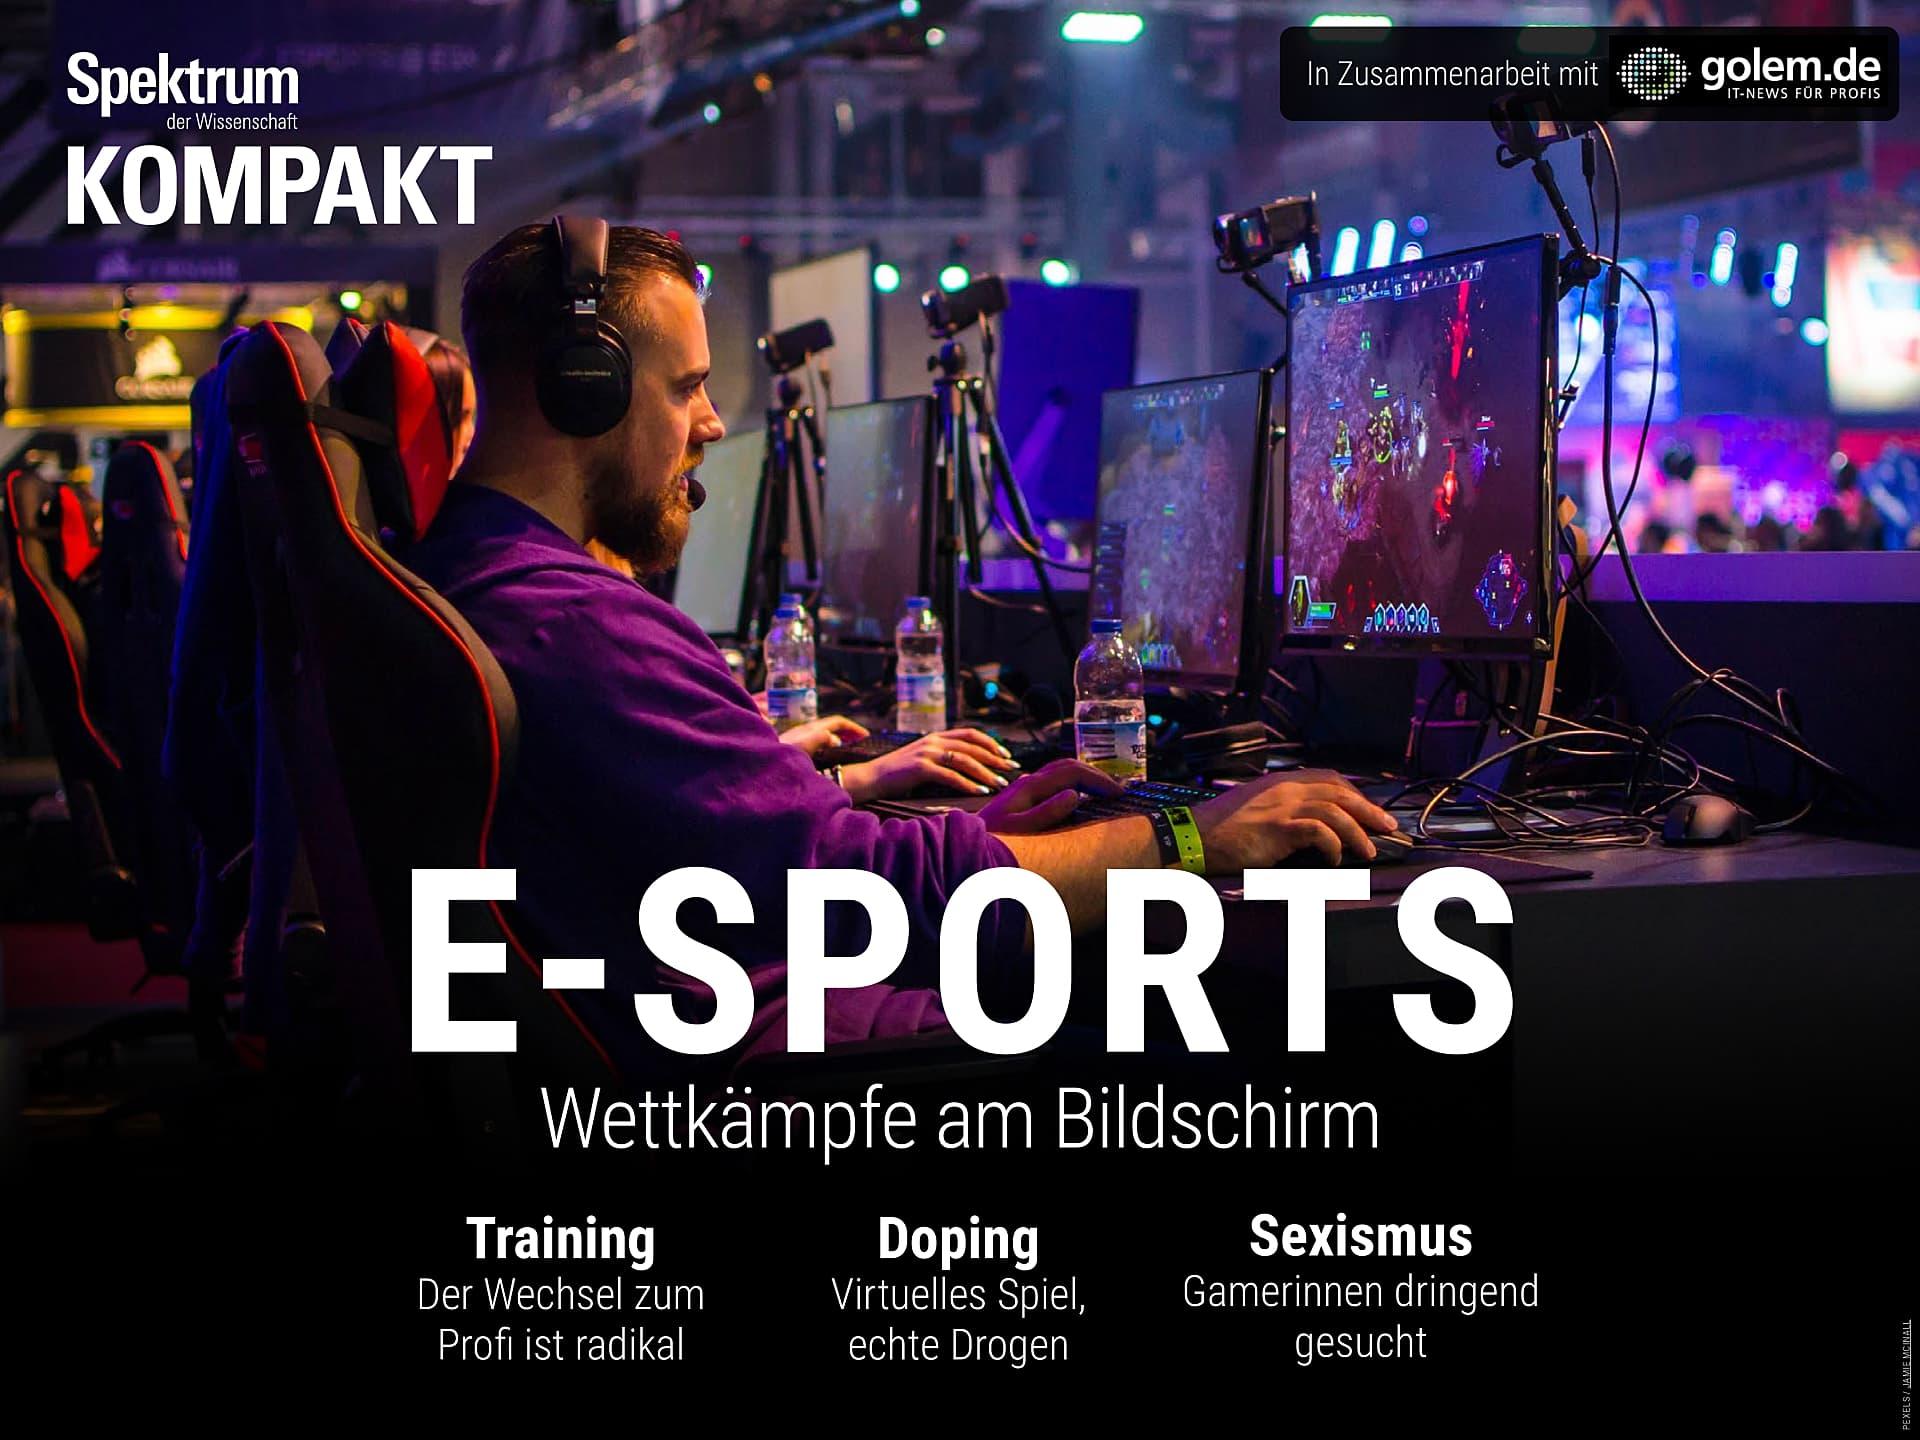 E-Sports - Wettkämpfe am Bildschirm